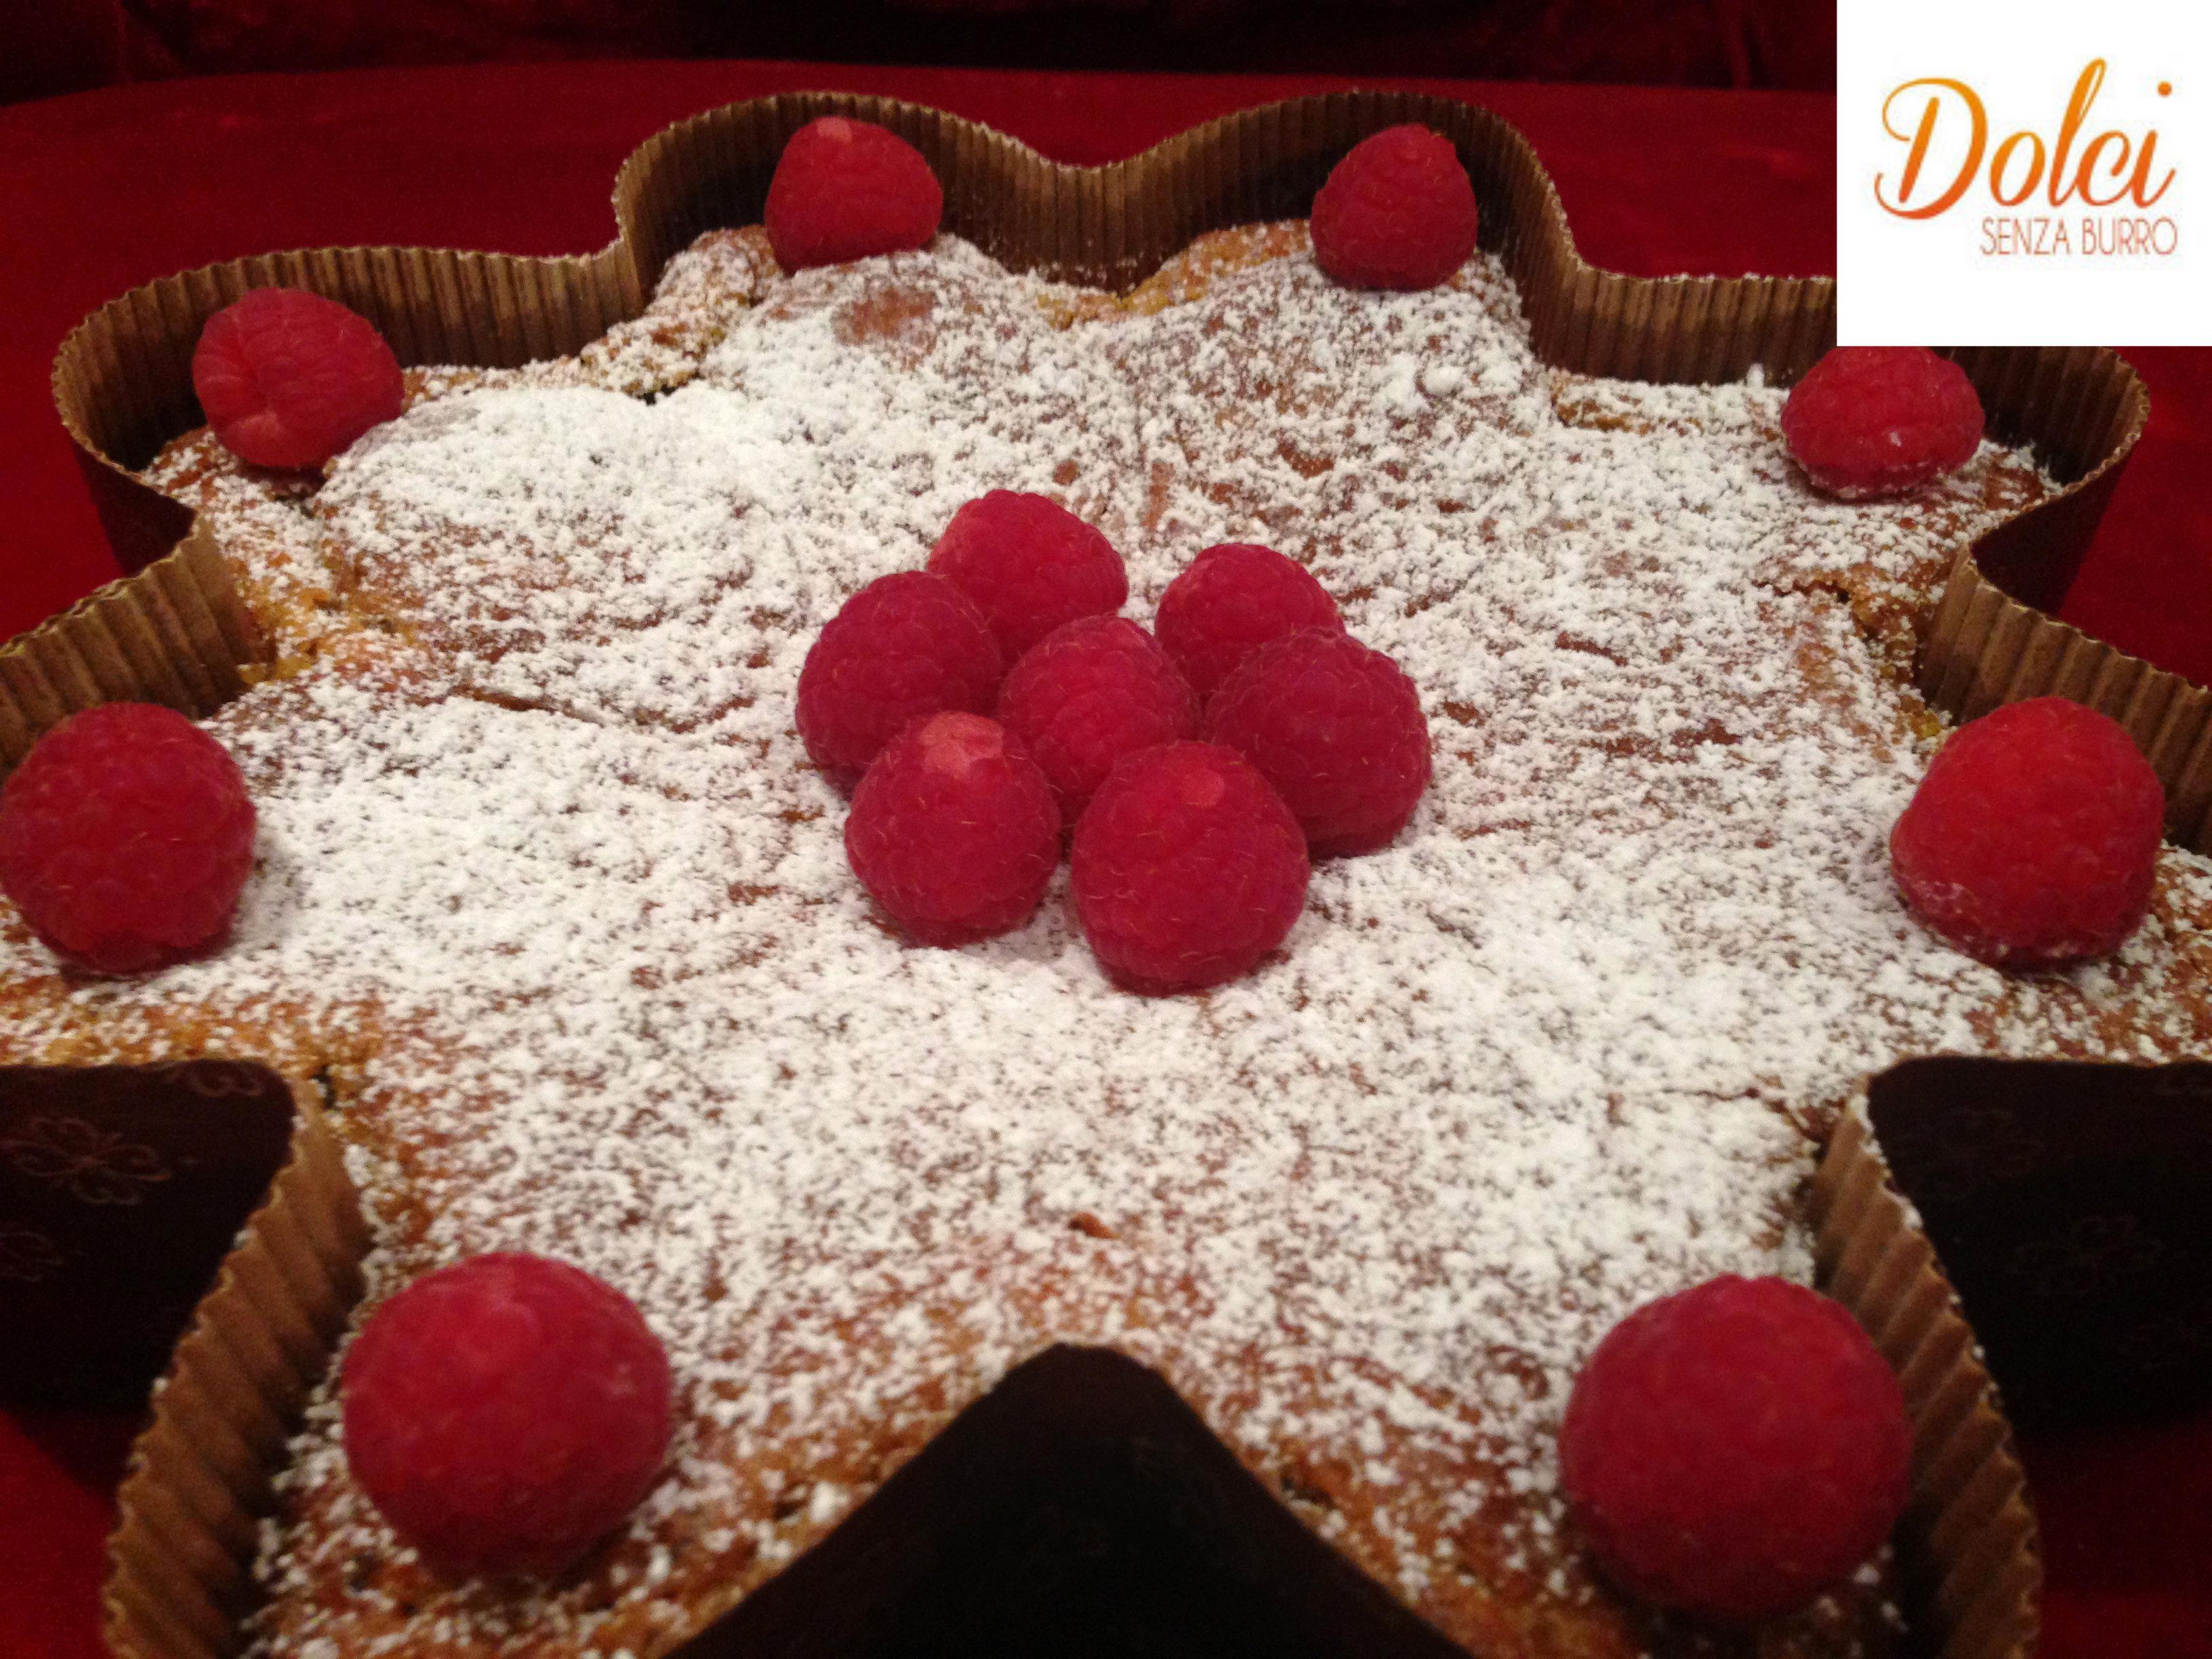 Torta Senza Burro e Uova alla Curcuma, un dolce speciale di Dolci Senza Burro